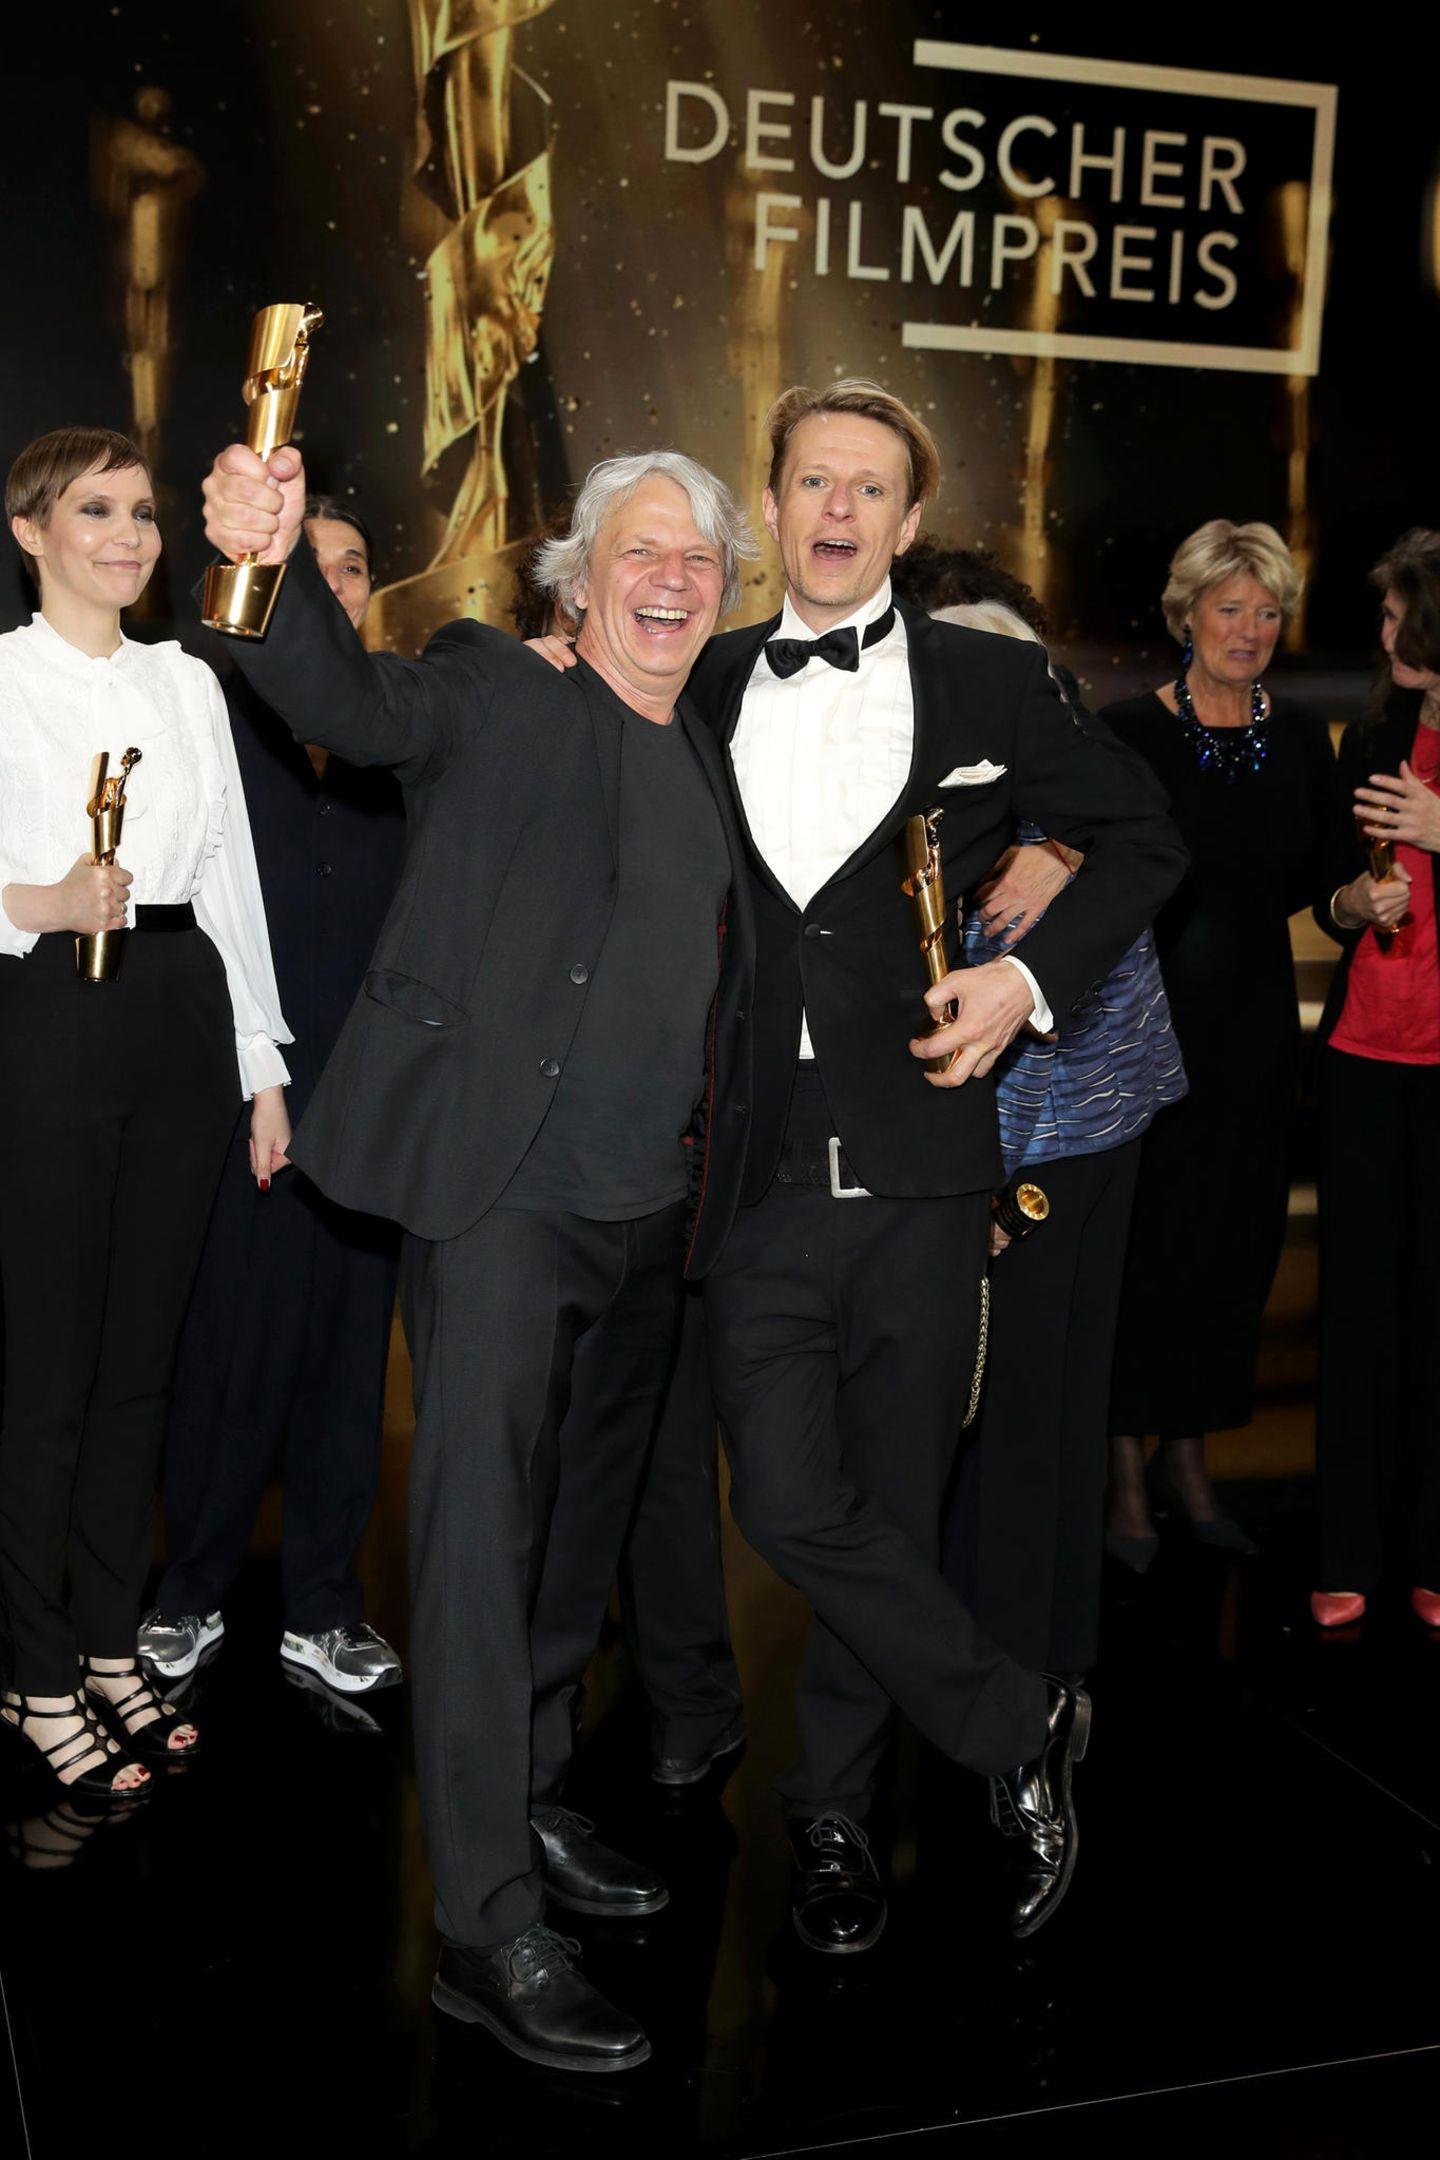 """""""Gundermann"""" ist mit 6 Lolas der große Gewinner des diesjährigen Filmpreises: Nicht nur Alexander Scheer kann sich als bester Hauptdarsteller freuen, sondern auch Andreas Dresen für die beste Regie. Außerdem bekam der Film den Deutschen Filmpreis als bester Spielfilm, für das beste Szenenbild, das beste Drehbuch und das beste Kostümbild. Wir gratulieren ganz herzlich!"""